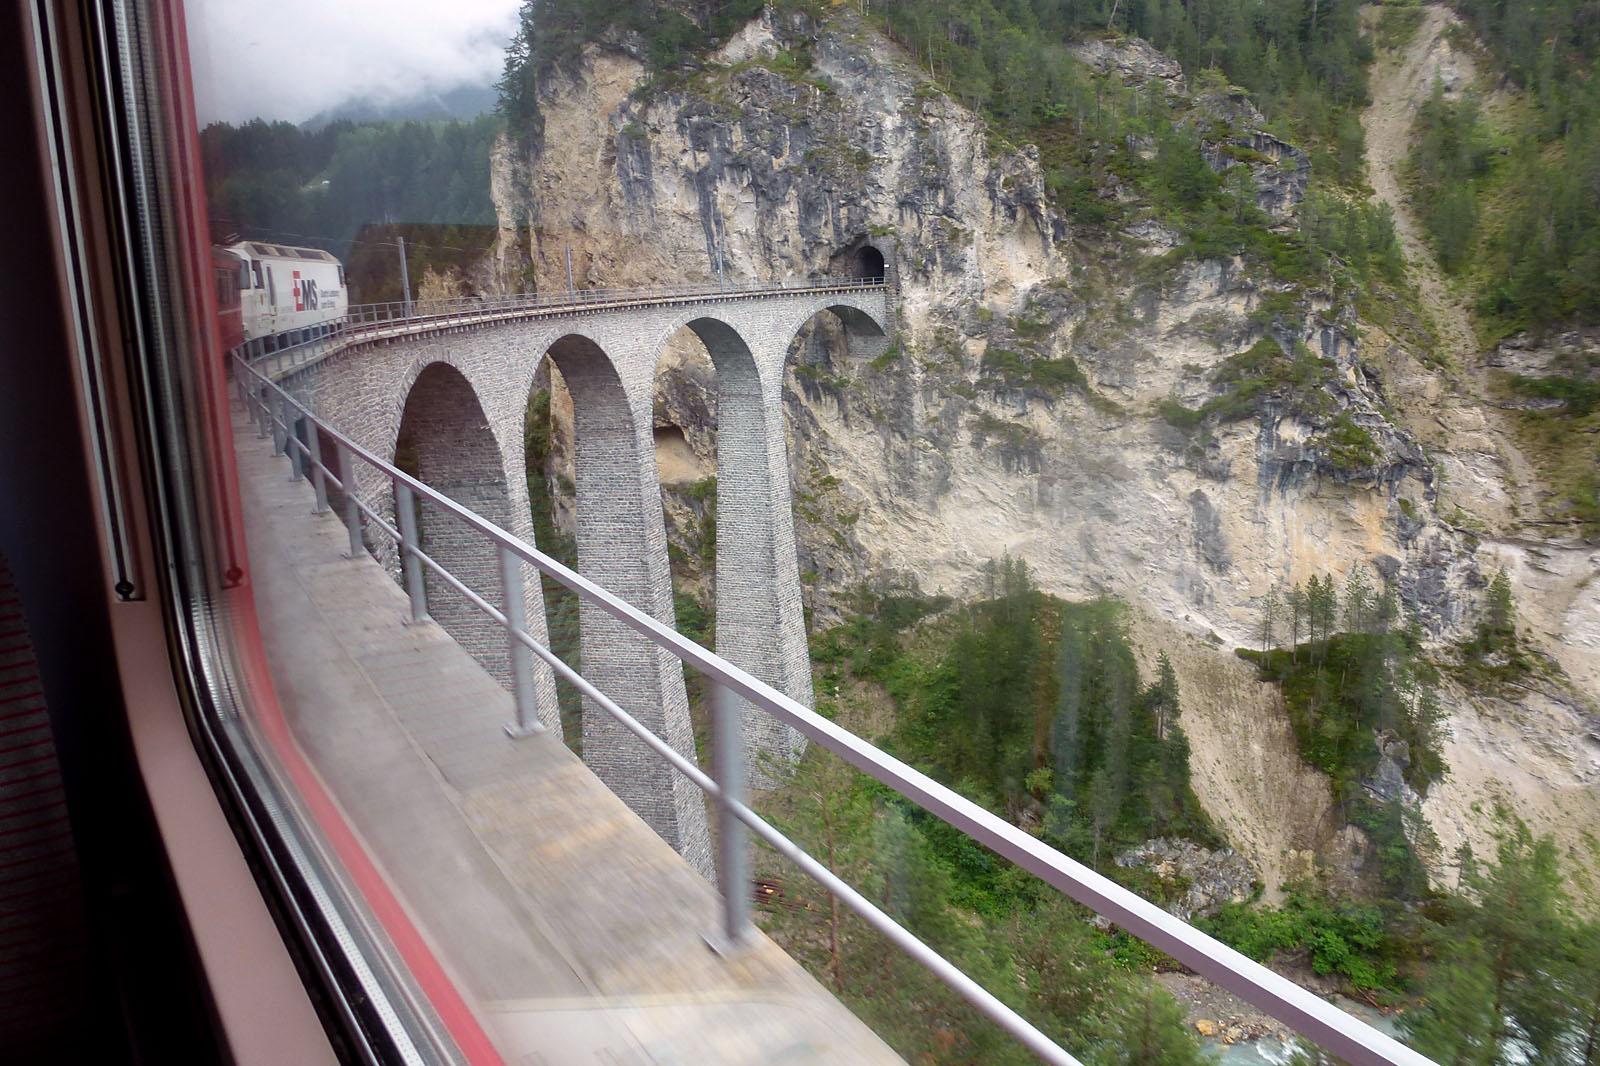 El viaducto de Landwasse es uno de los puntos más impresionantes del trayecto